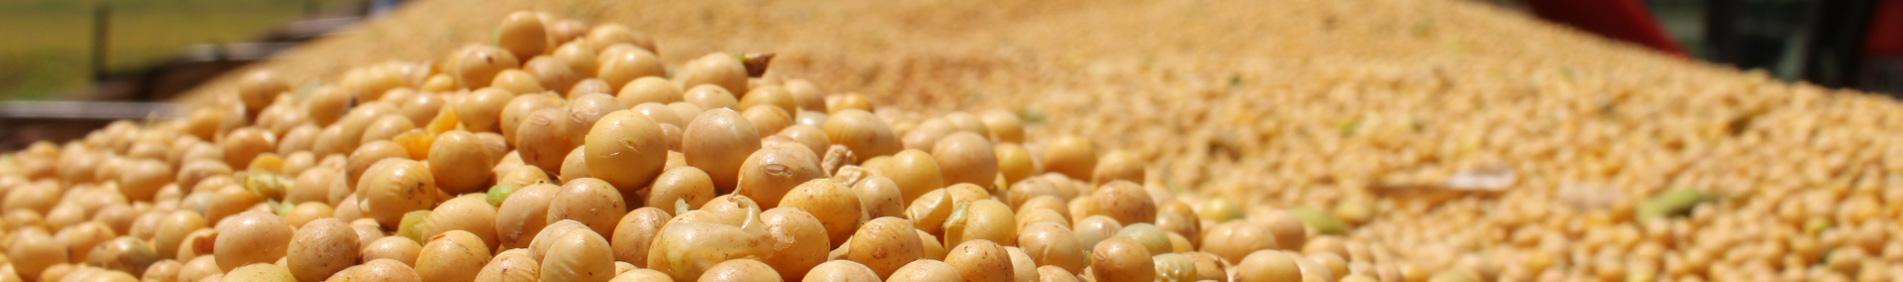 Soja é um grão rico em proteínas, cultivado como alimento tanto para humanos quanto para animais. A soja pertence à família Fabaceae (leguminosa), assim como o feijão, a lentilha e a ervilha. É empregada na alimentação, sobretudo na indústri